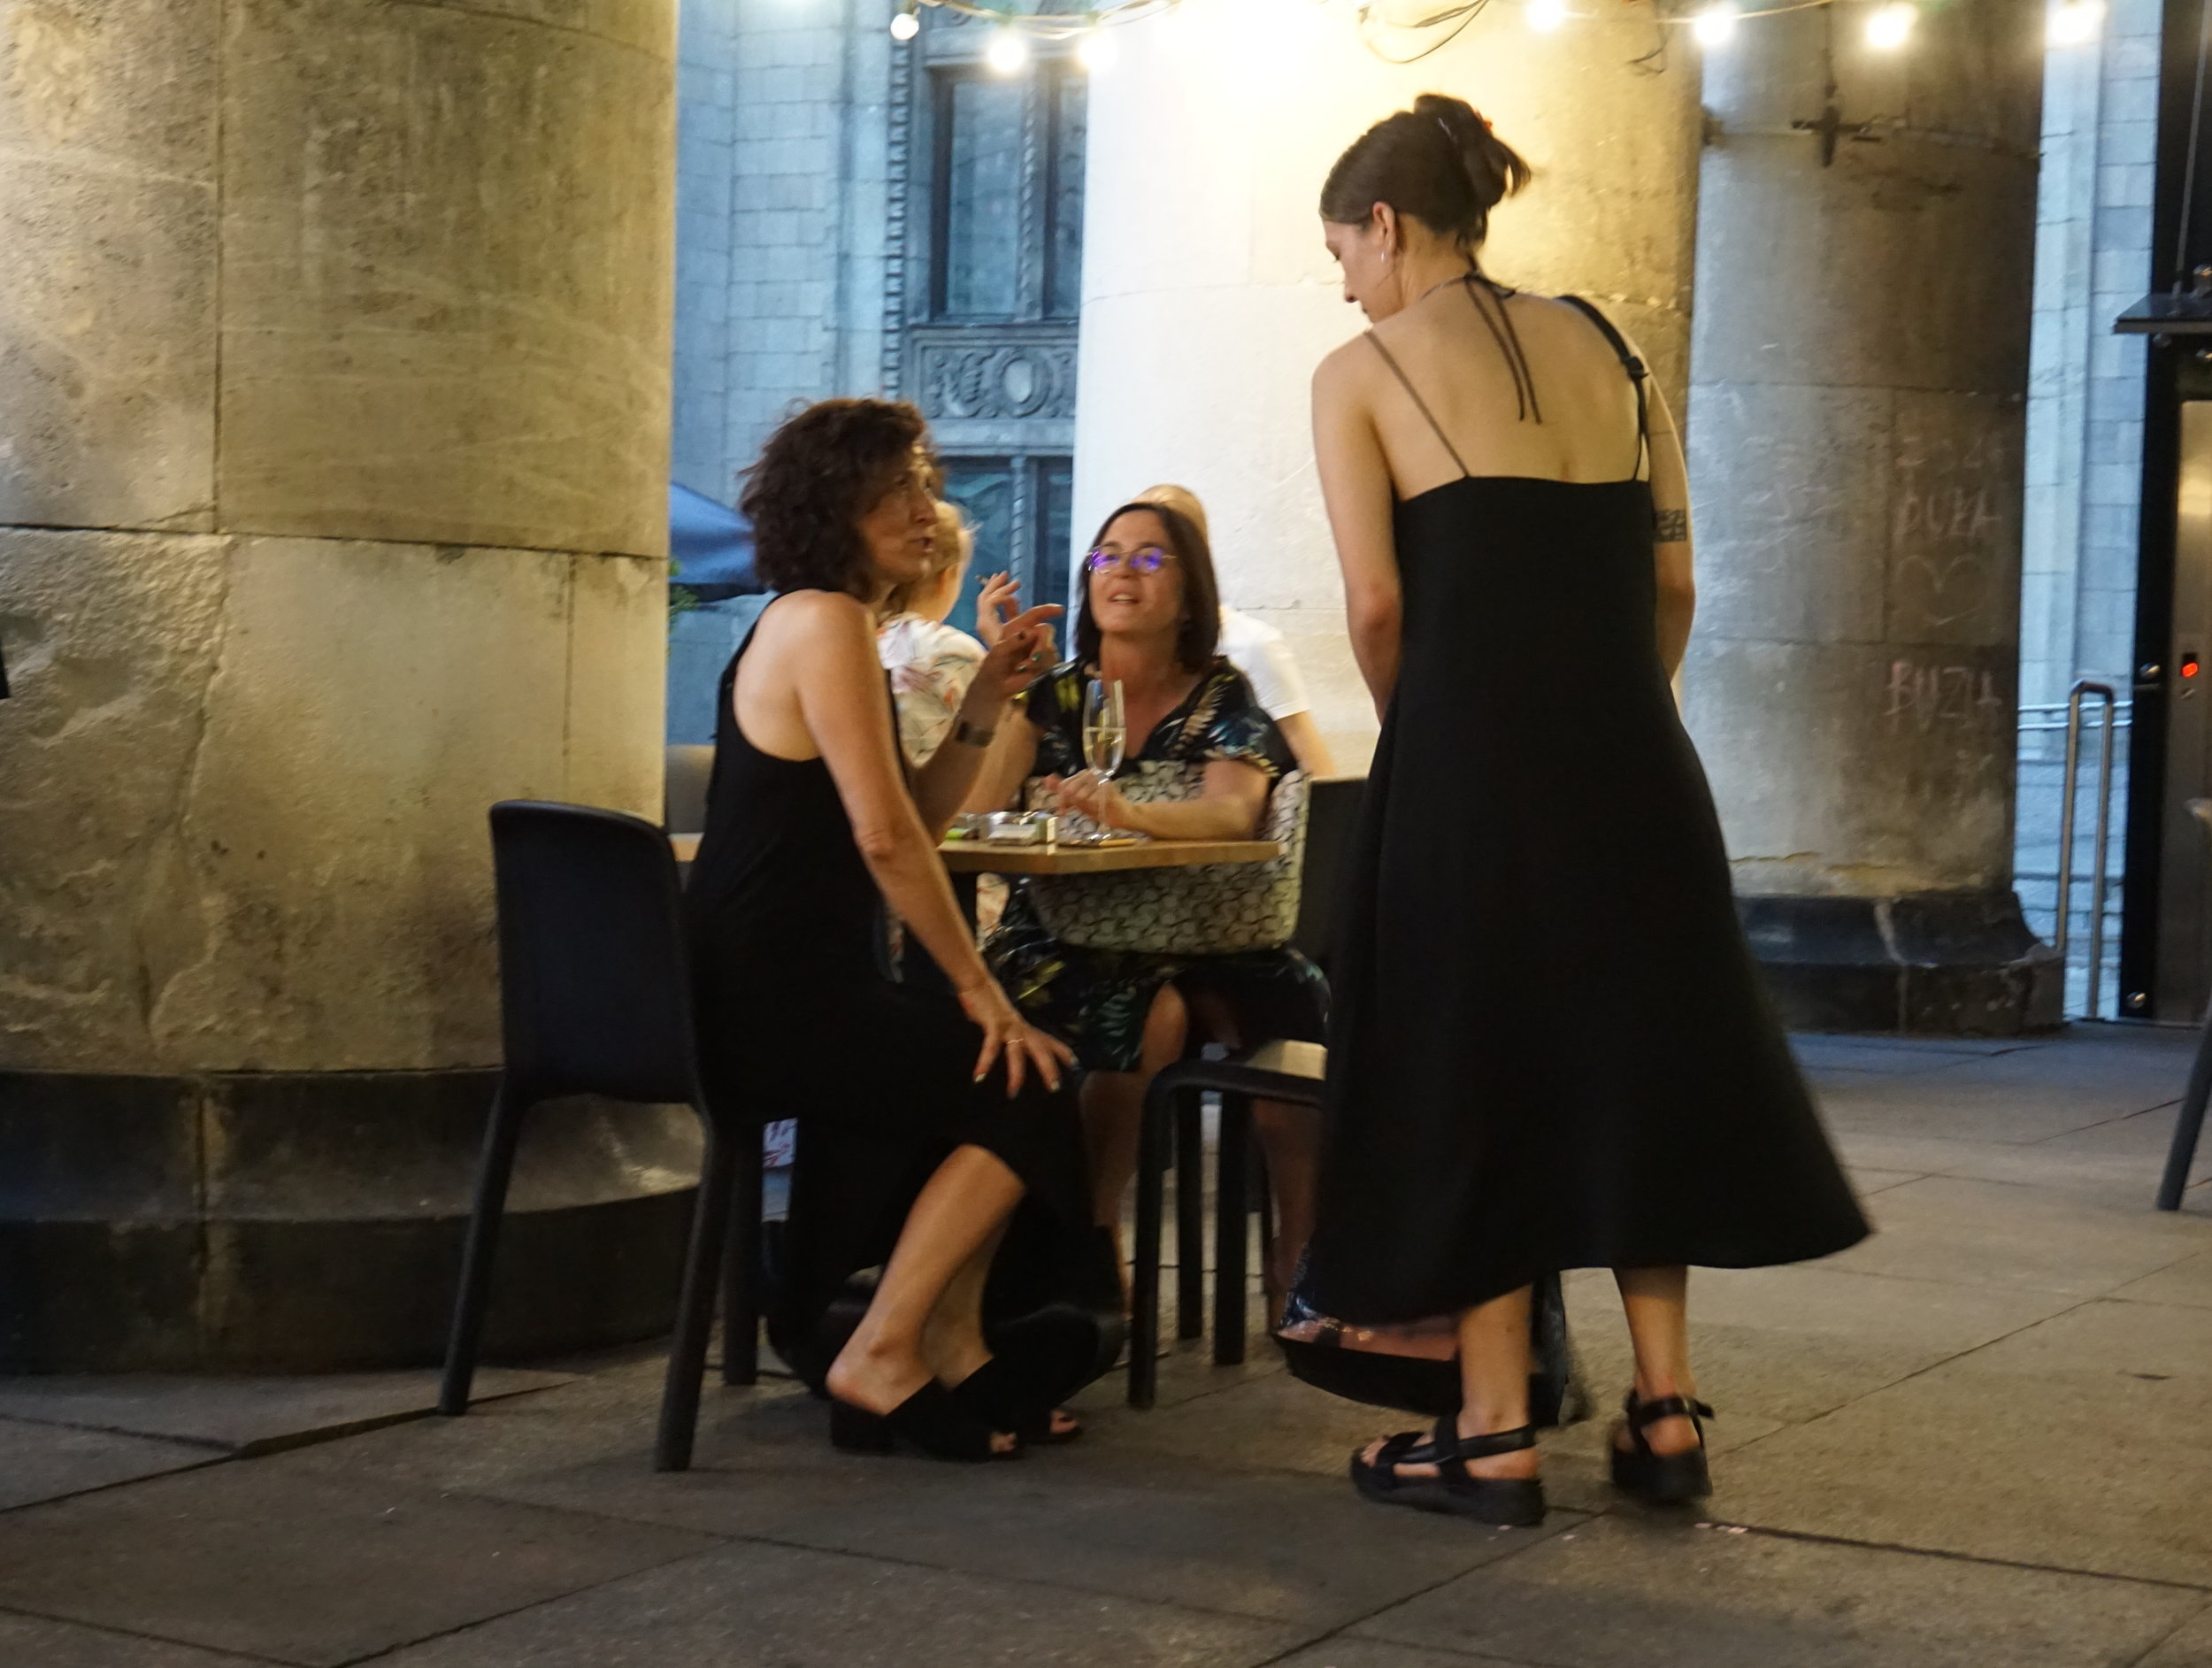 Dance Consert -teoksen tanssija tervehtii tuttaviaan kulttuuripalatsin terassilla.